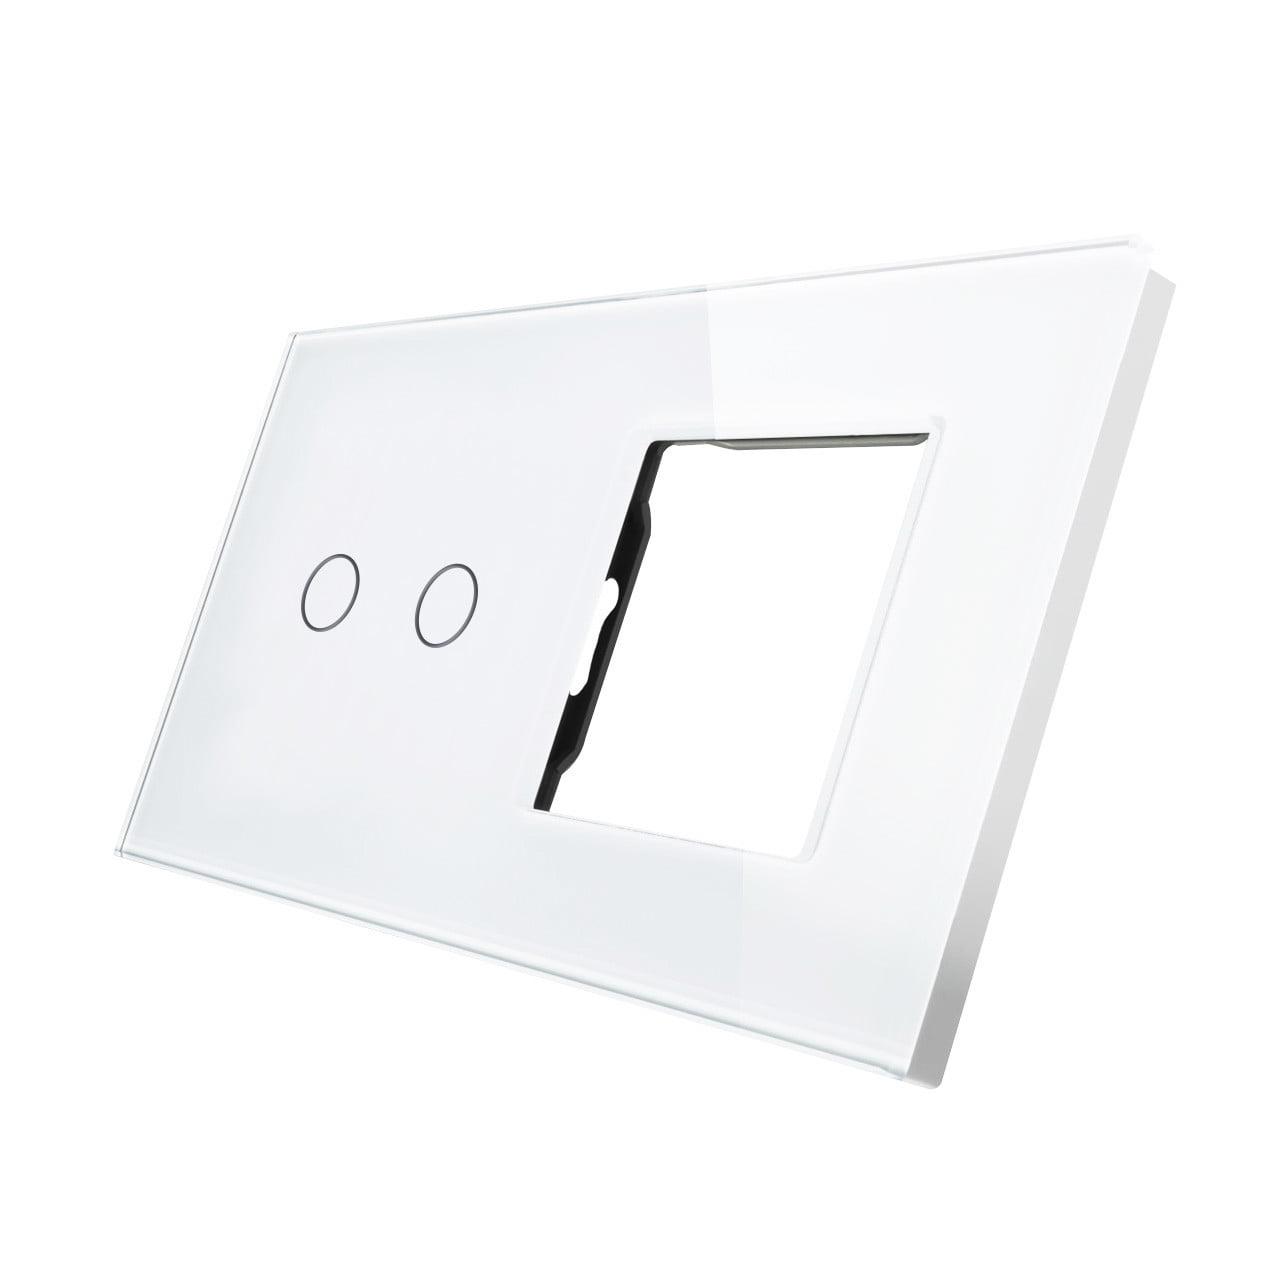 Rama sticla pentru intrerupator cu touch dublu + modul priza simplu, Smart Home